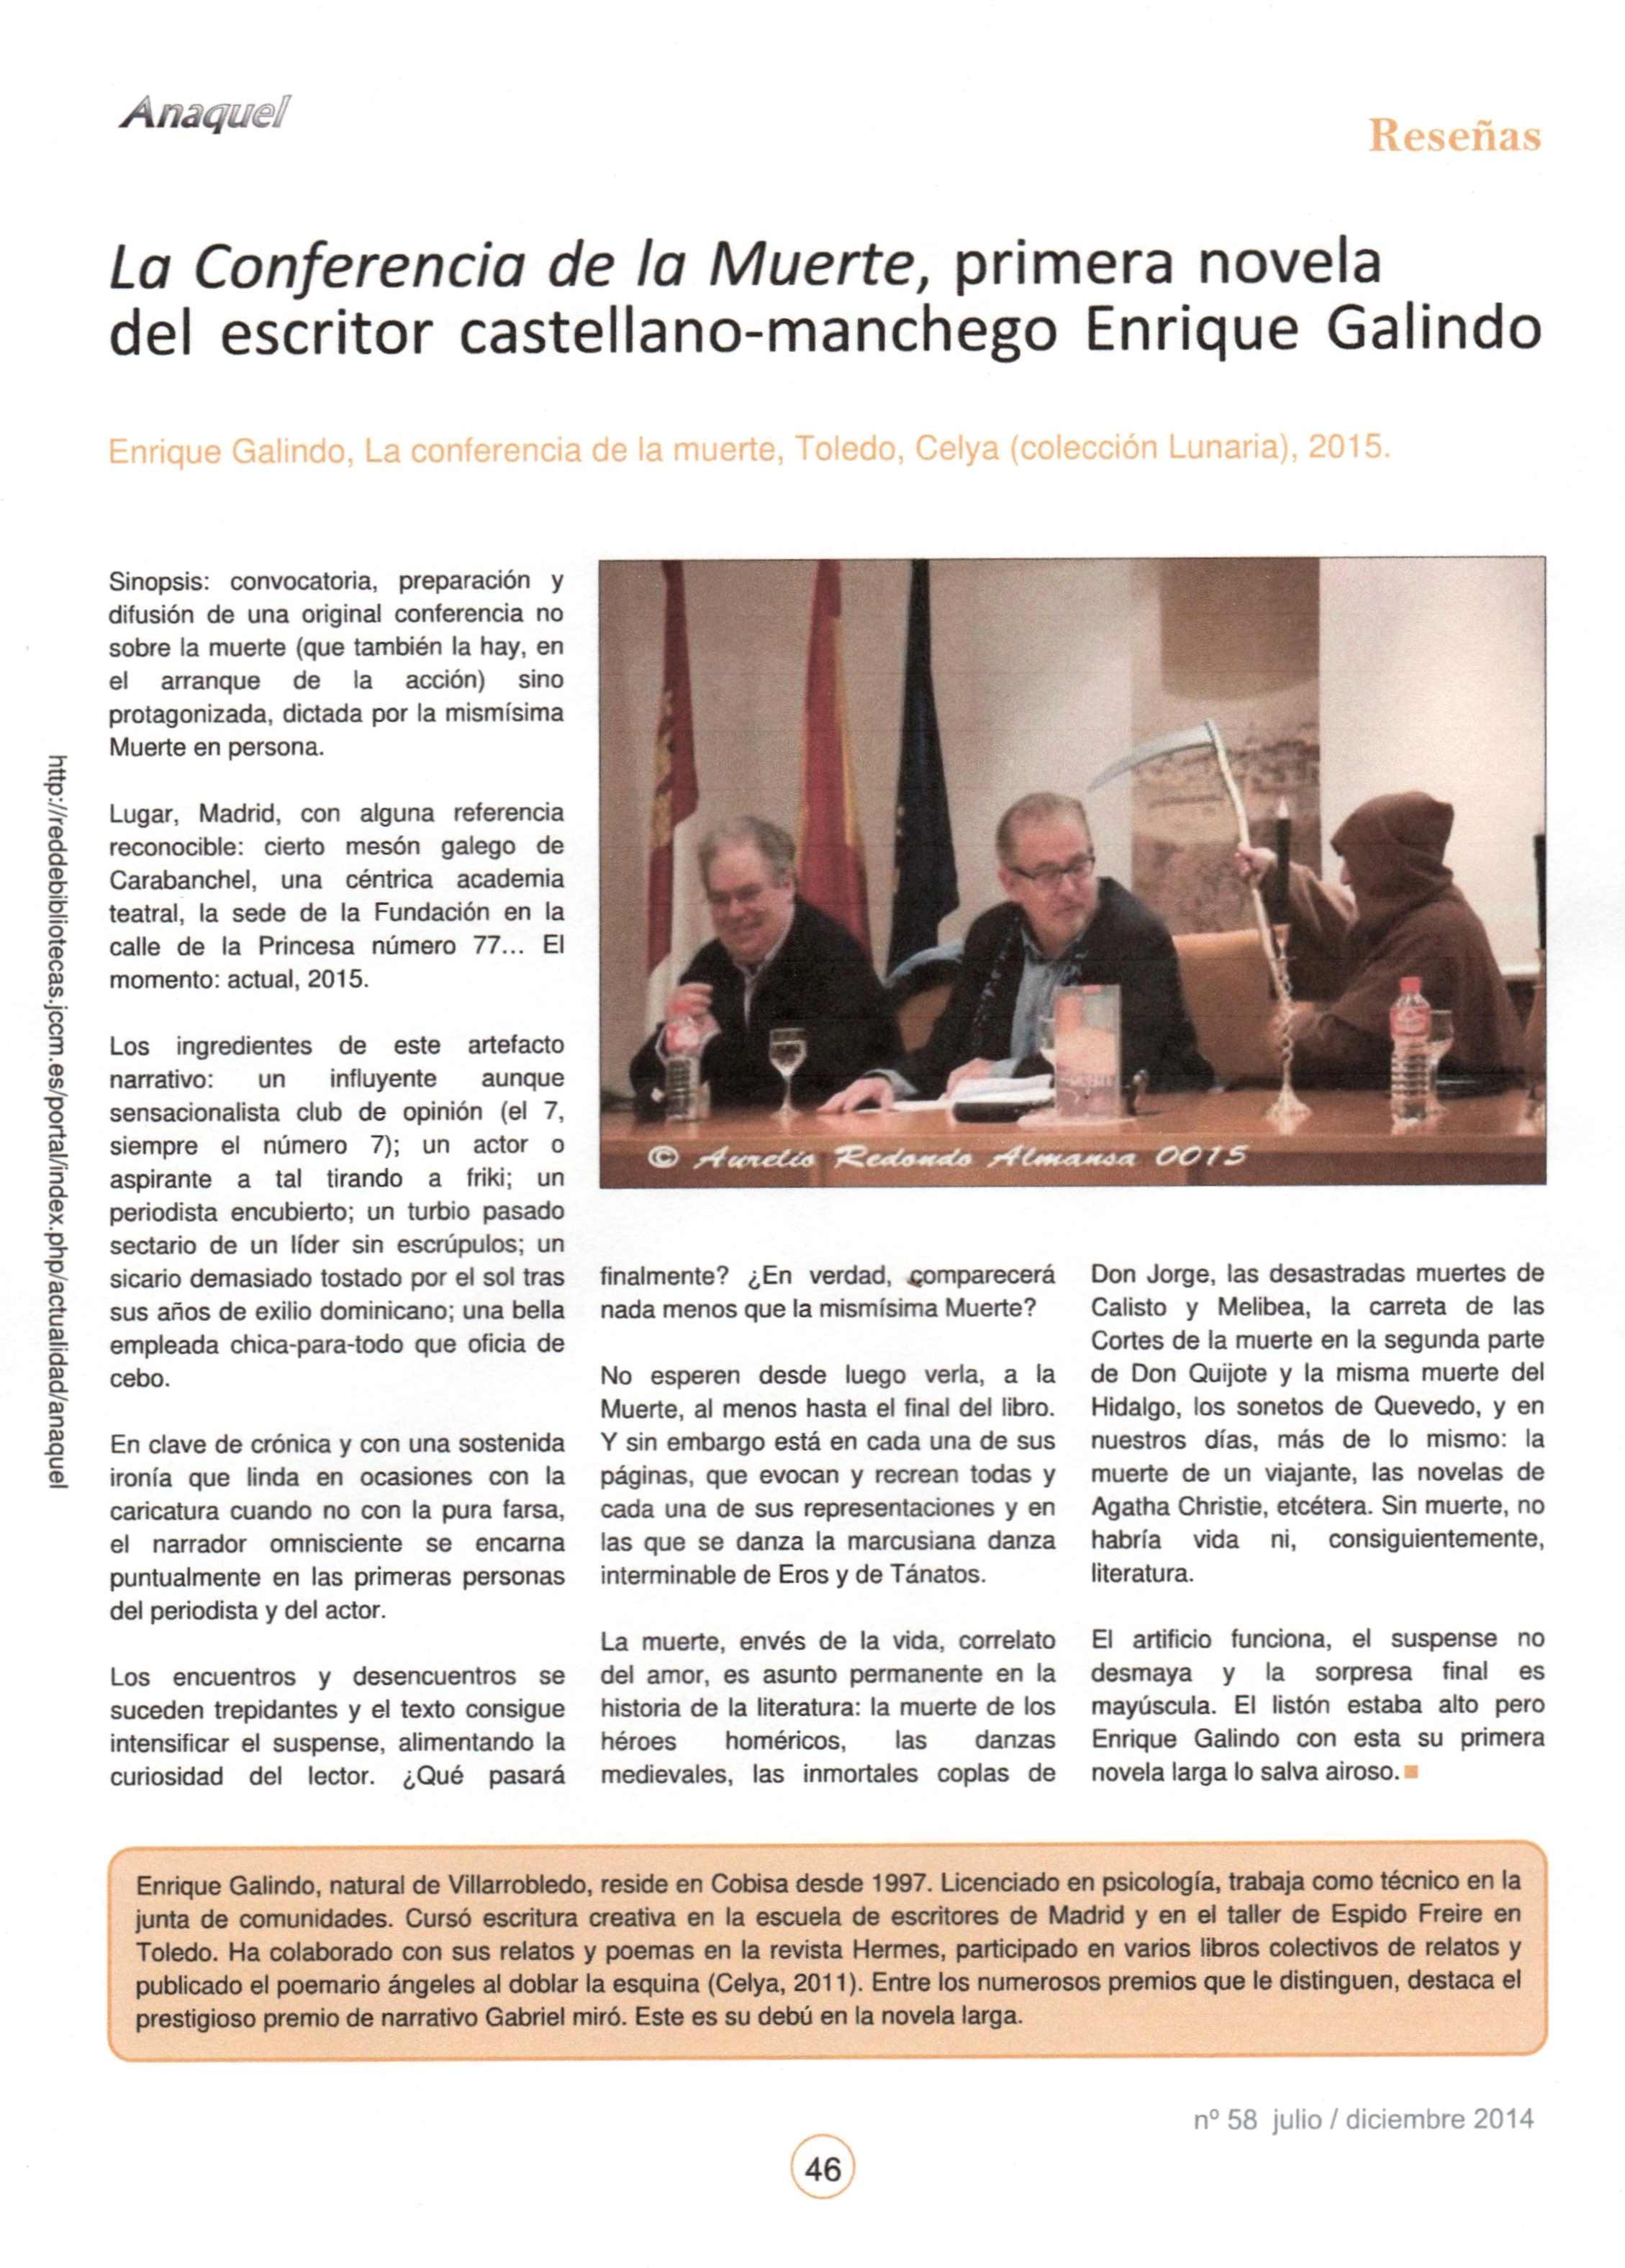 ANAQUEL : La conferencia de La Muerte, por Antonio Lázaro.